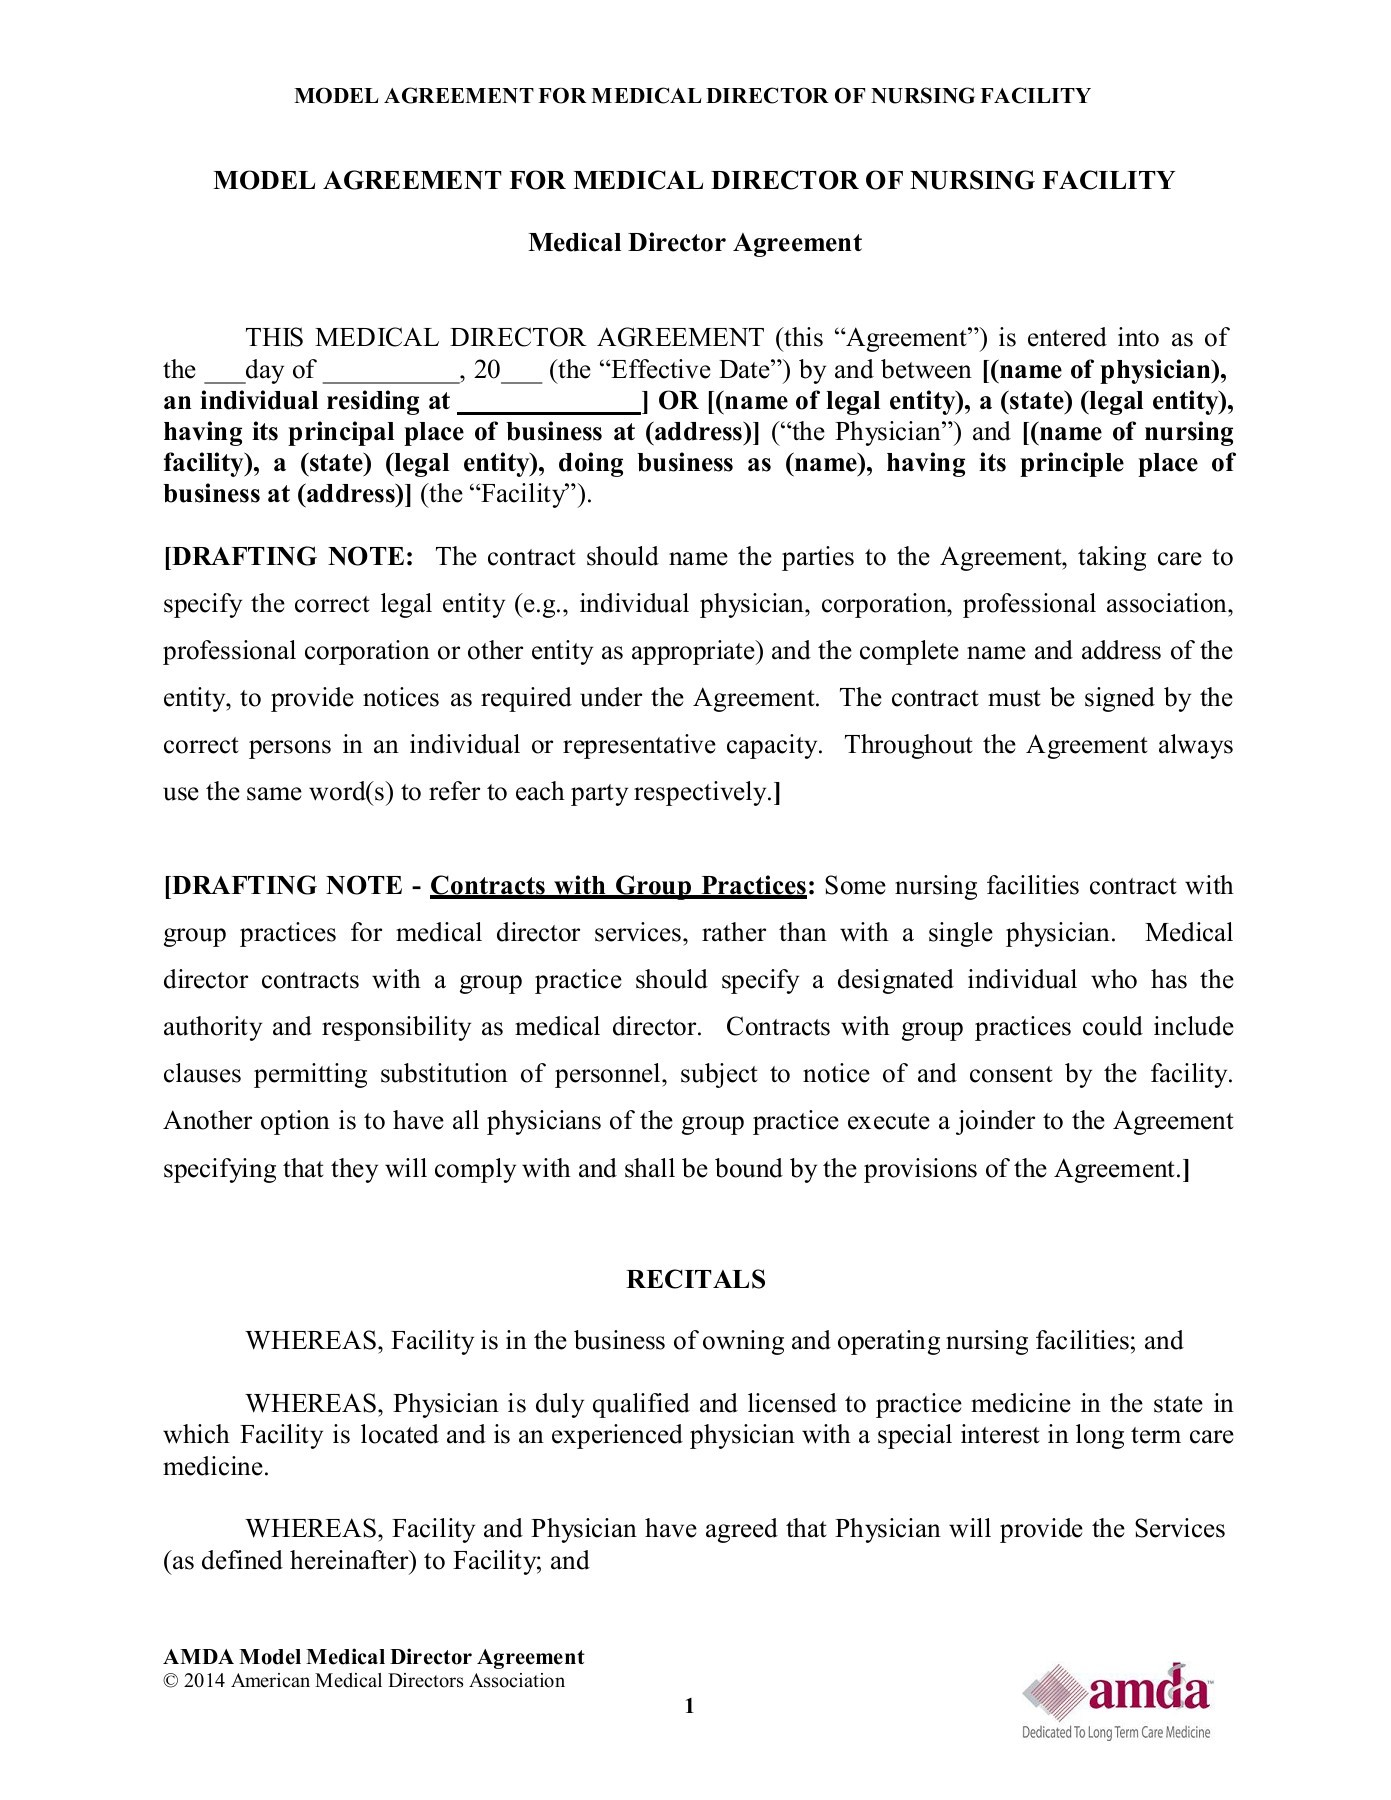 Sample Of Amda Model Agreement Amda